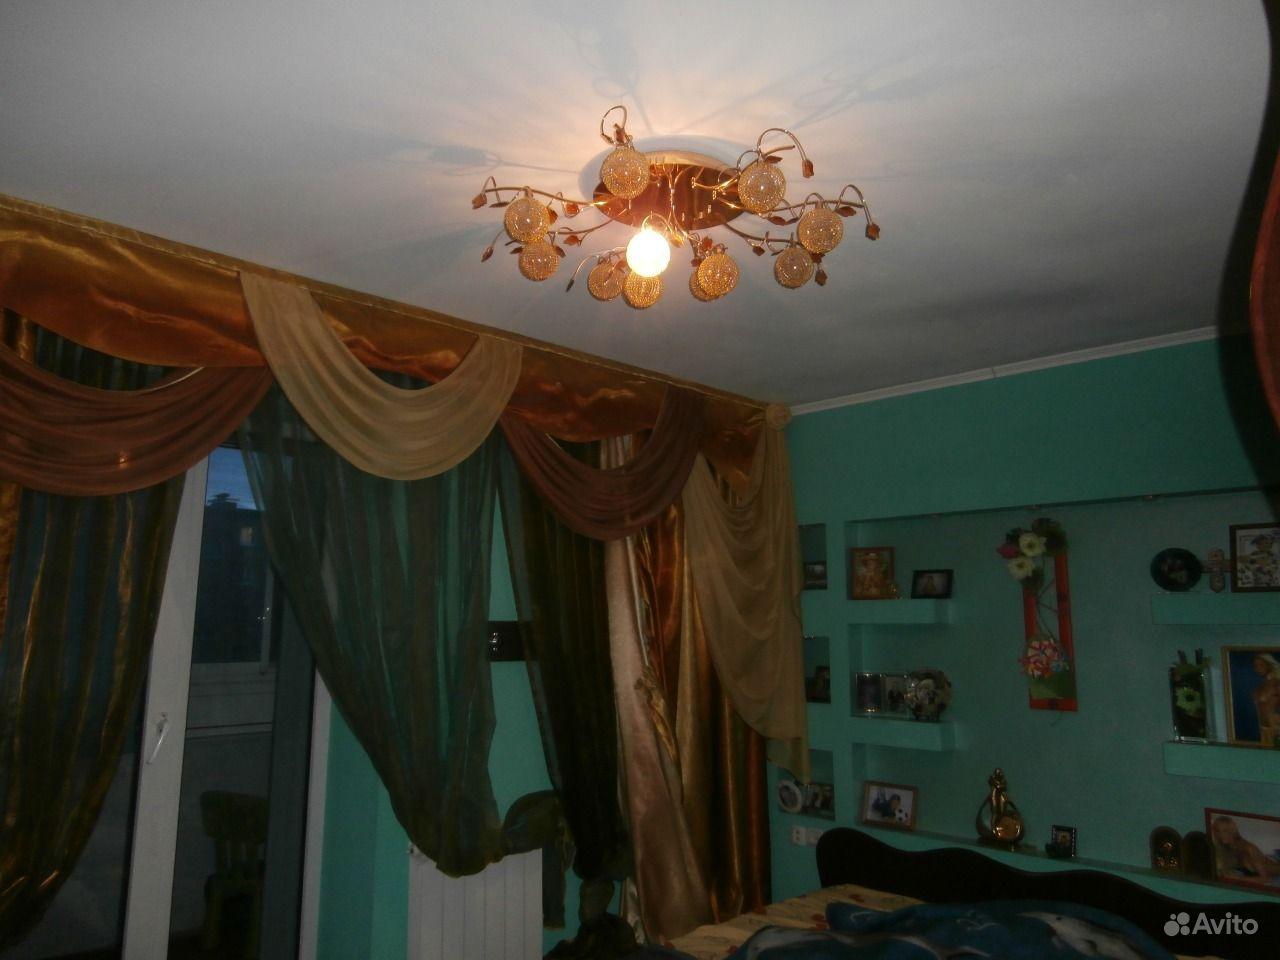 2-к квартира, 67 м², 3/4 эт. - купить, продать, сдать или снять в ...